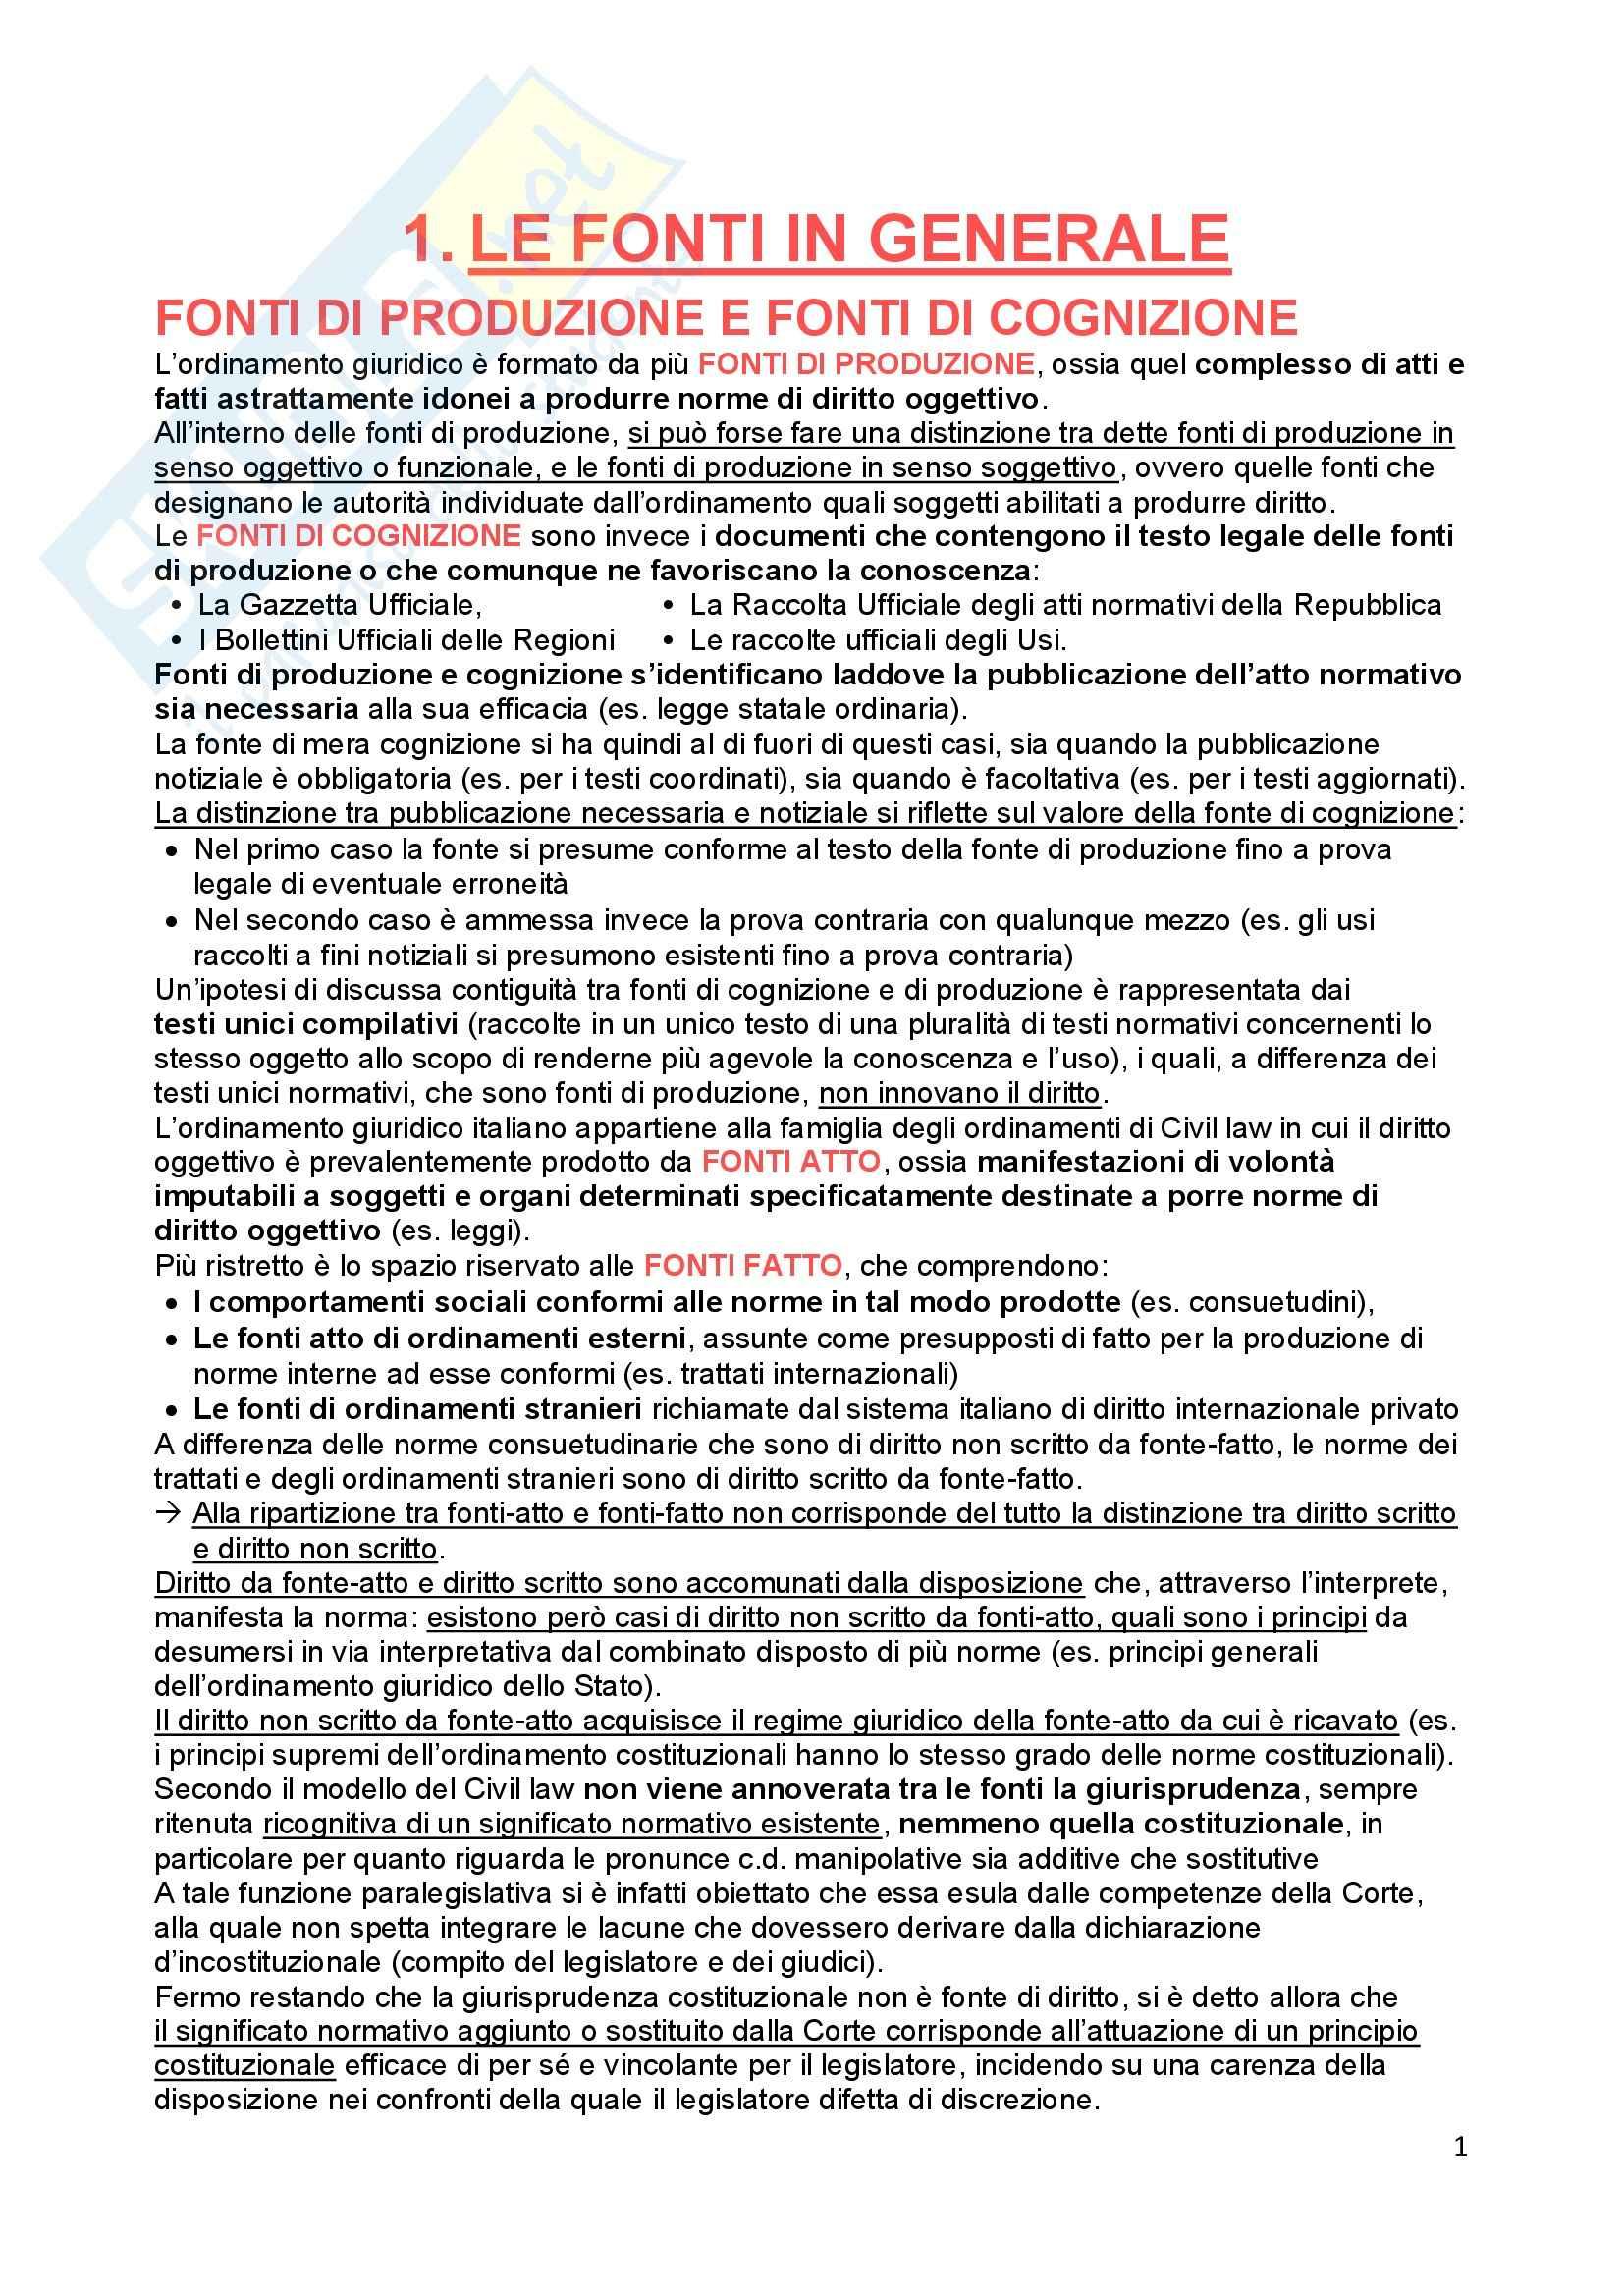 Riassunto esame Diritto Costituzionale, prof. Ferri, libro consigliato Fonti dell'ordinamento repubblicano, Pedrazza Gorlero